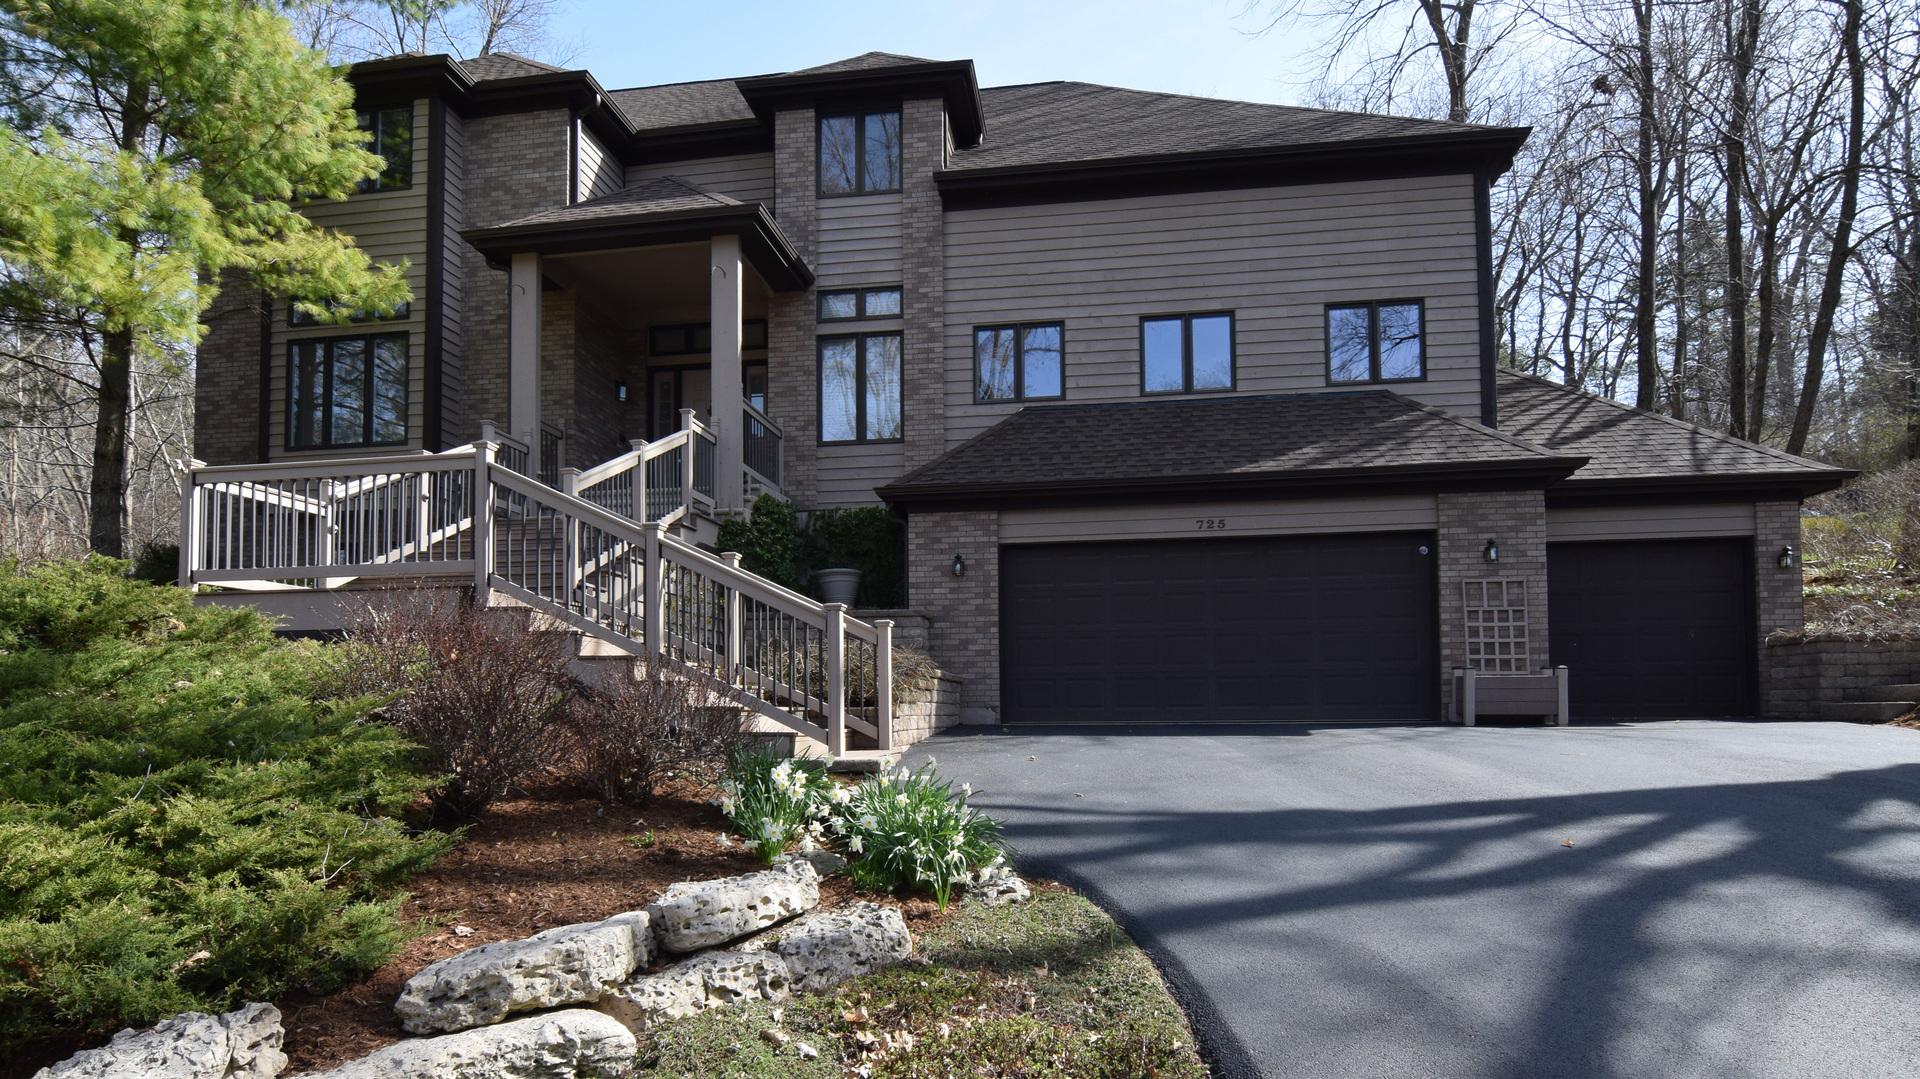 Property for sale at 725 Harper Drive, Algonquin,  IL 60102